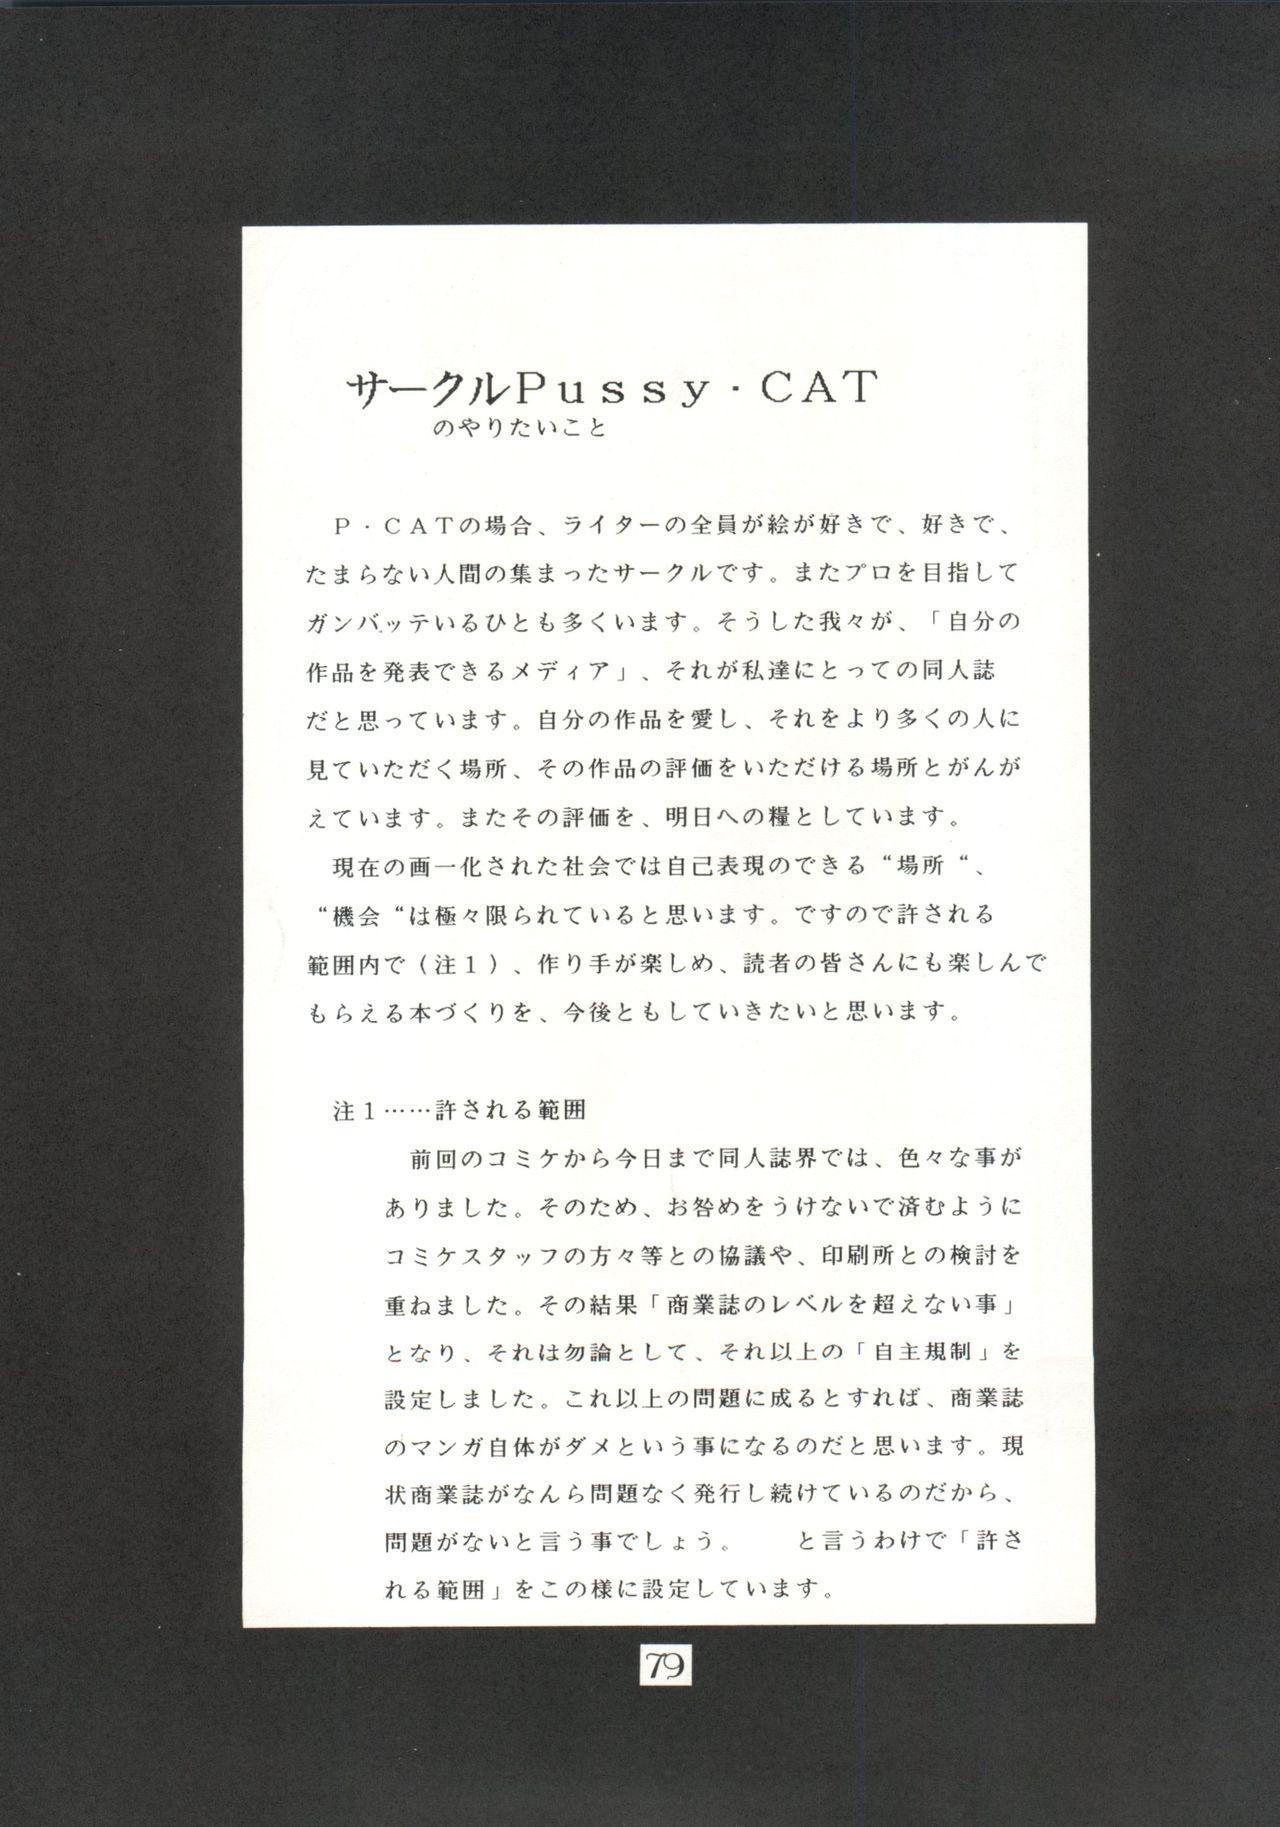 PUSSY CAT Vol. 20 Silent Mobius 84